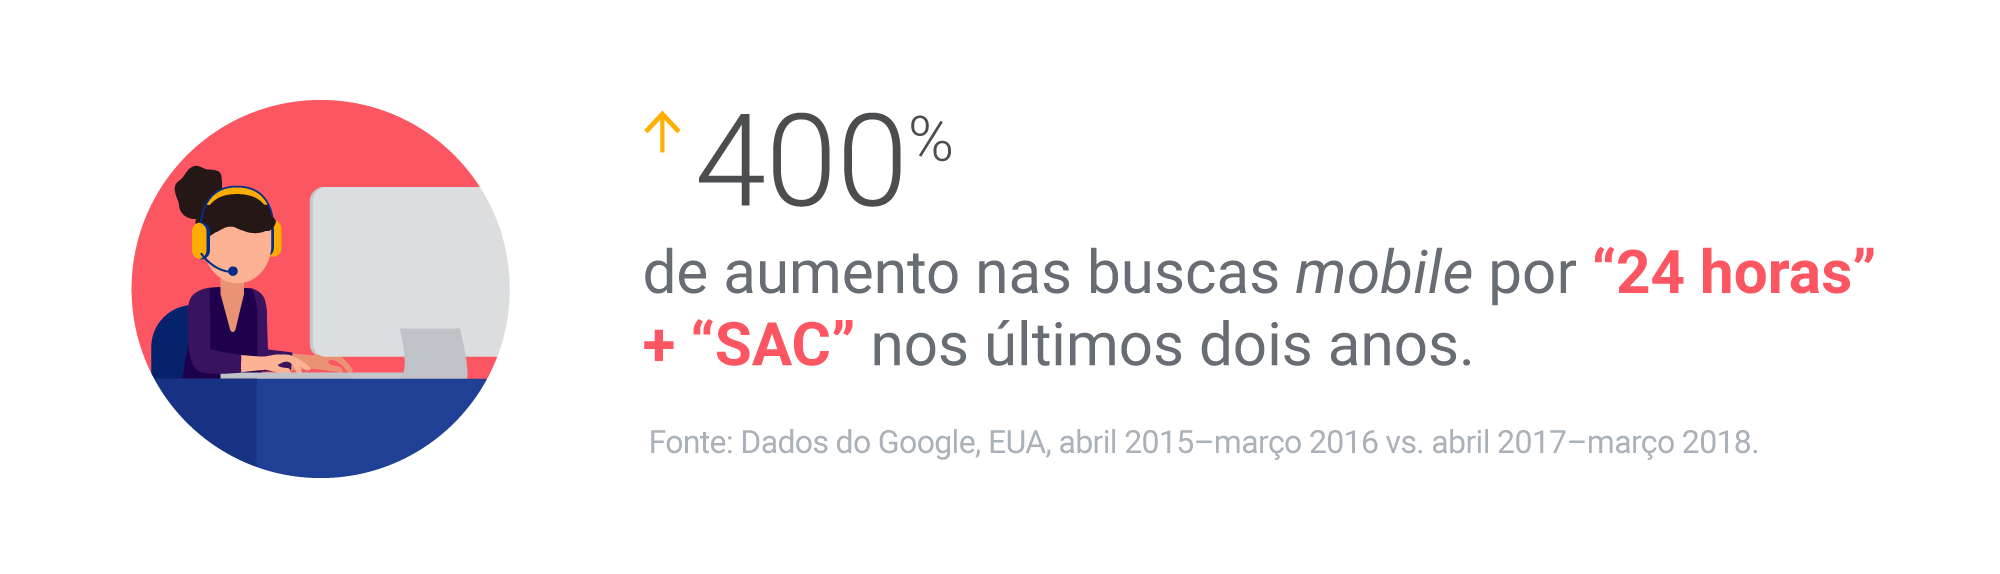 400% de aumento nas buscas mobile por '24 horas' + 'SAC' nos últimos dois anos.